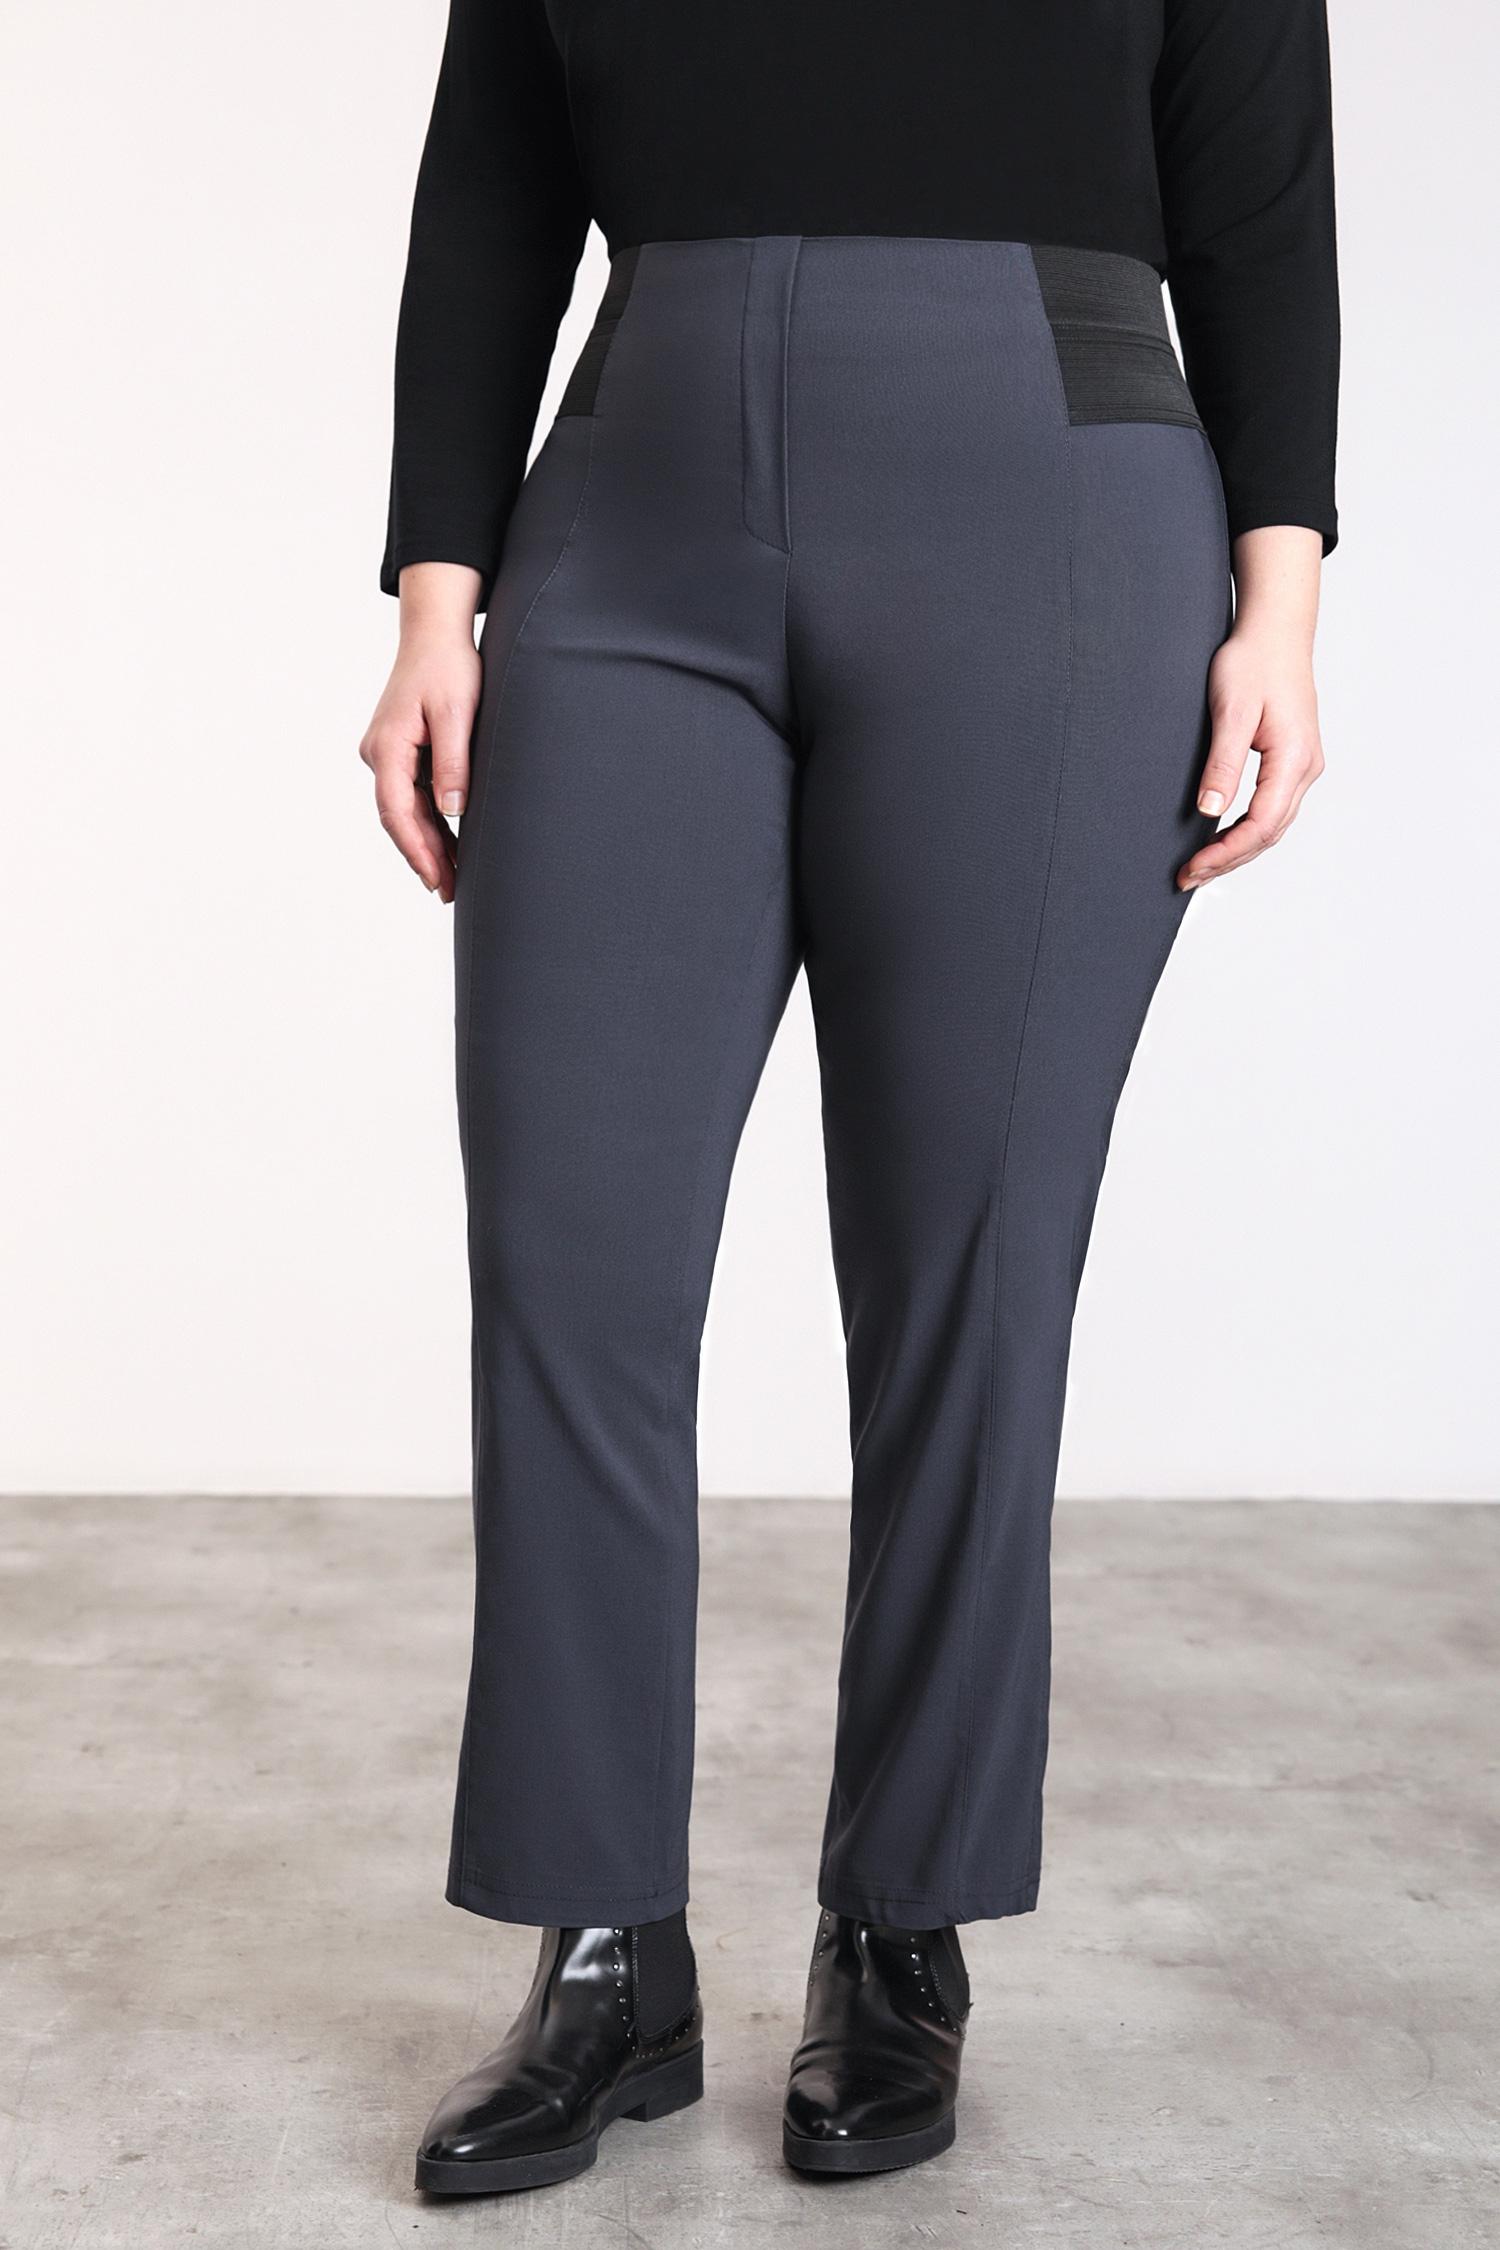 Pantalon droit bengaline avec bande taille